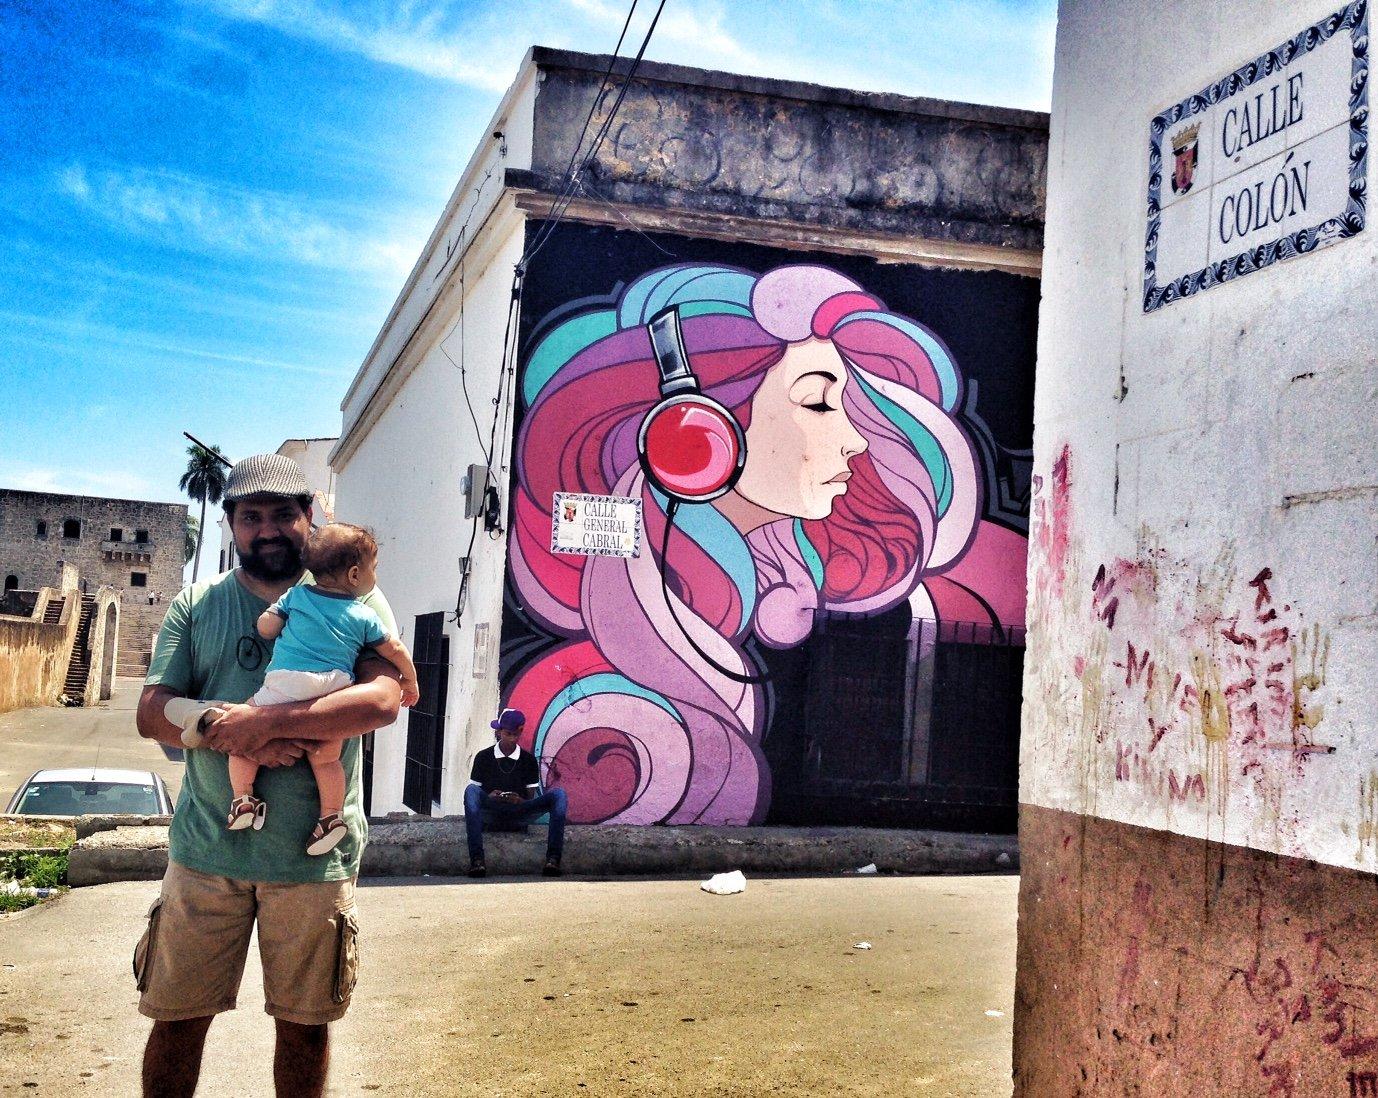 Esposo y Bebolo en pleno Hoy Santa Barbara 2015